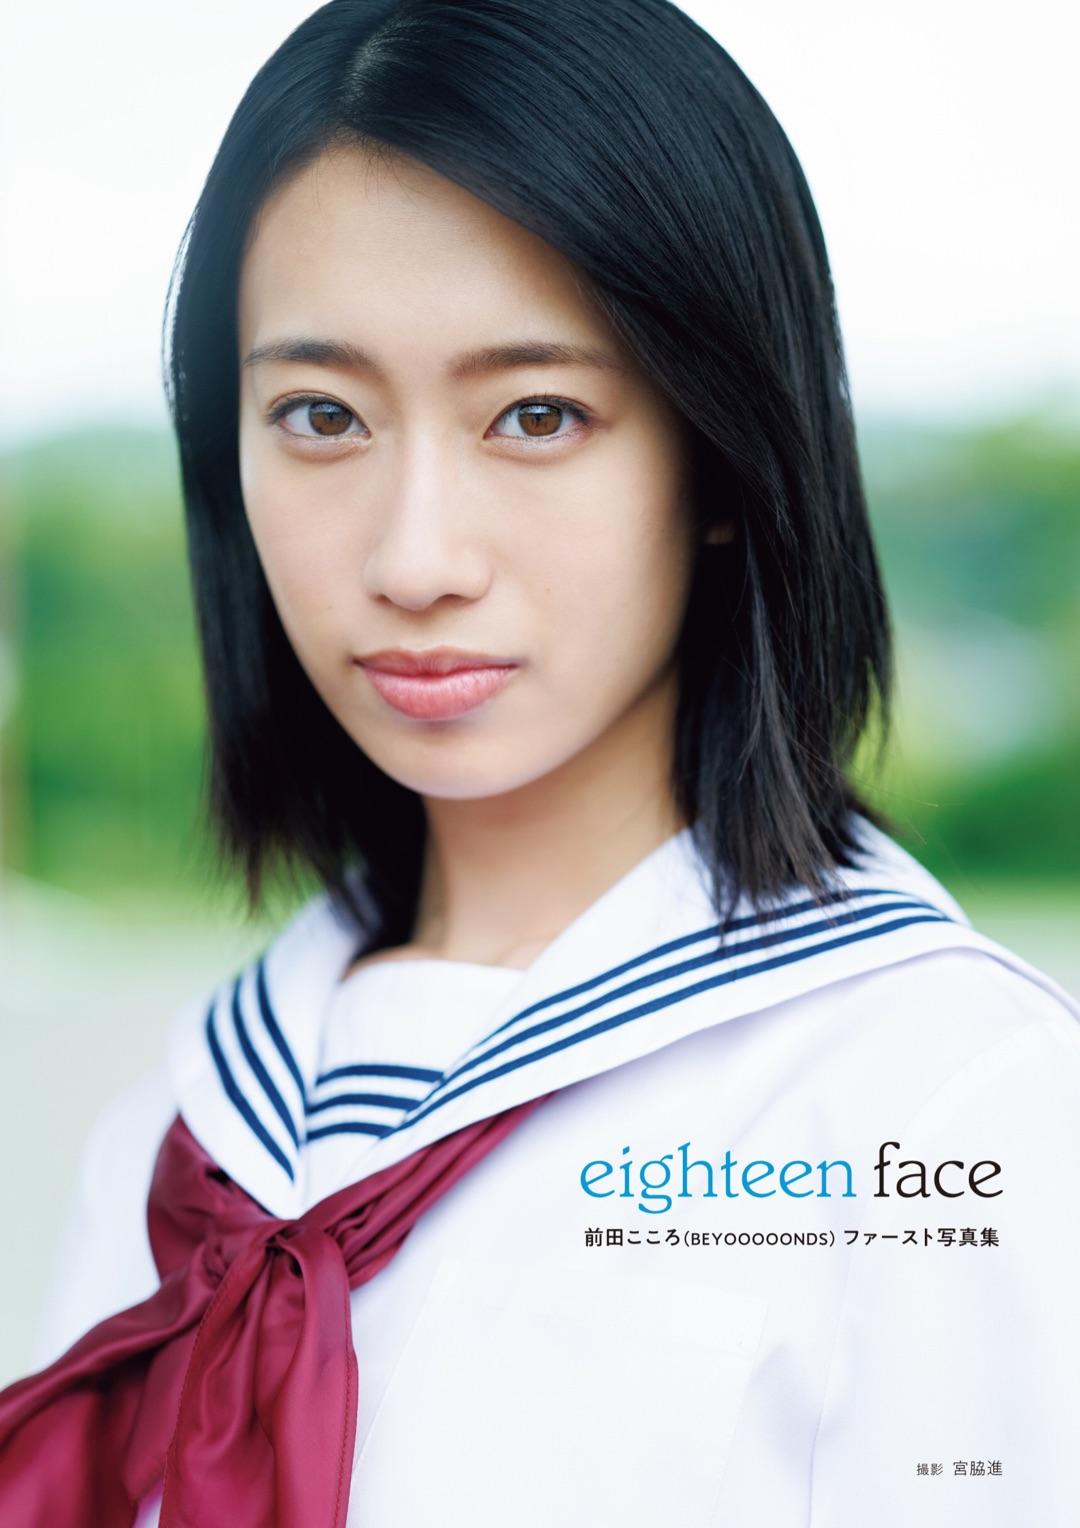 前田こころファースト写真集「eighteen face」表紙